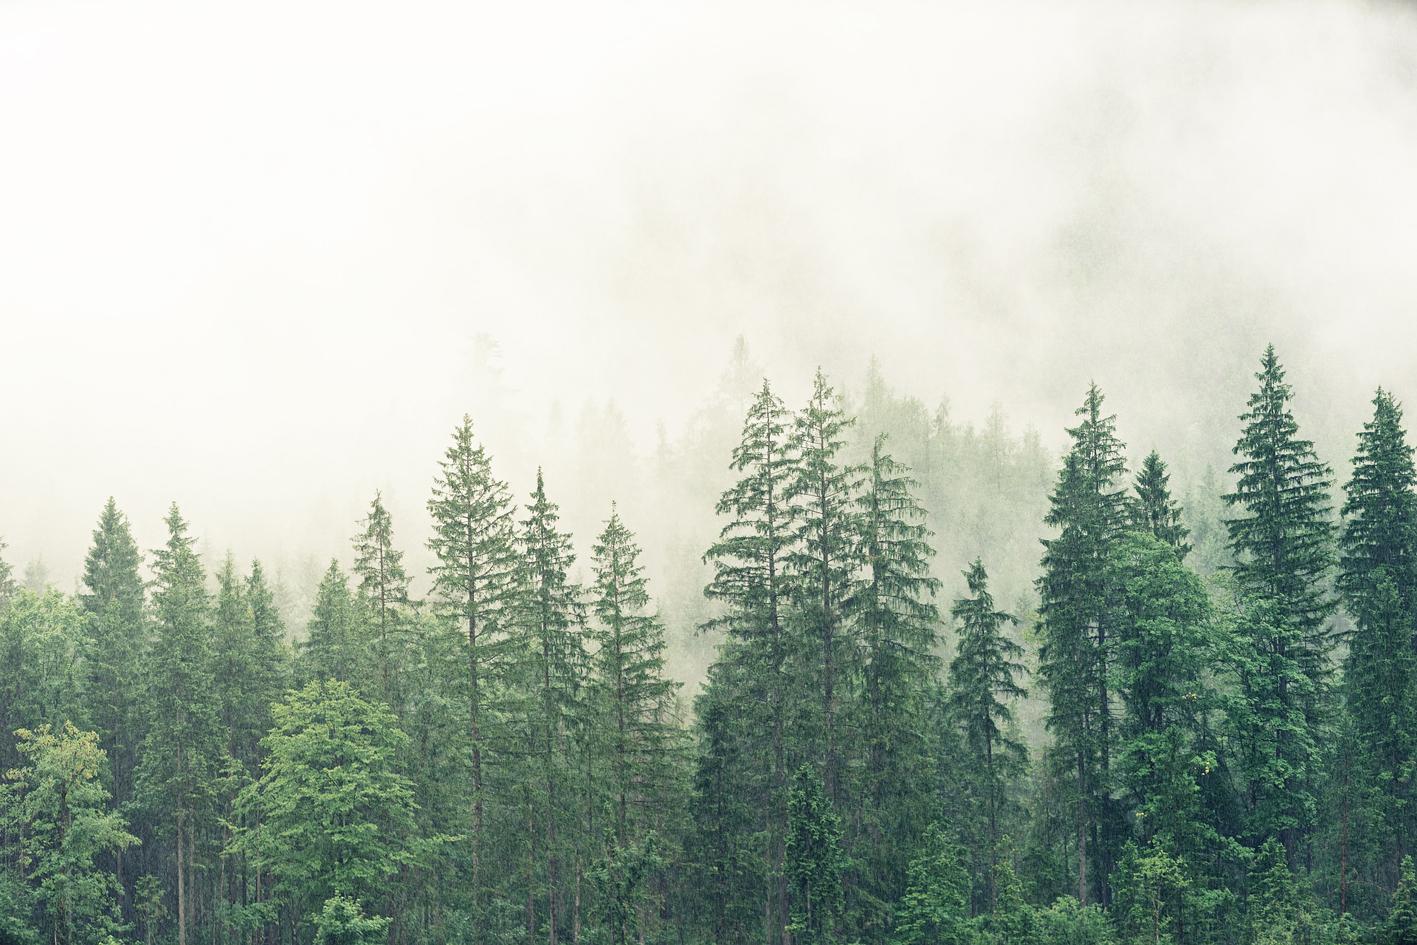 Bosco di pini con nebbia